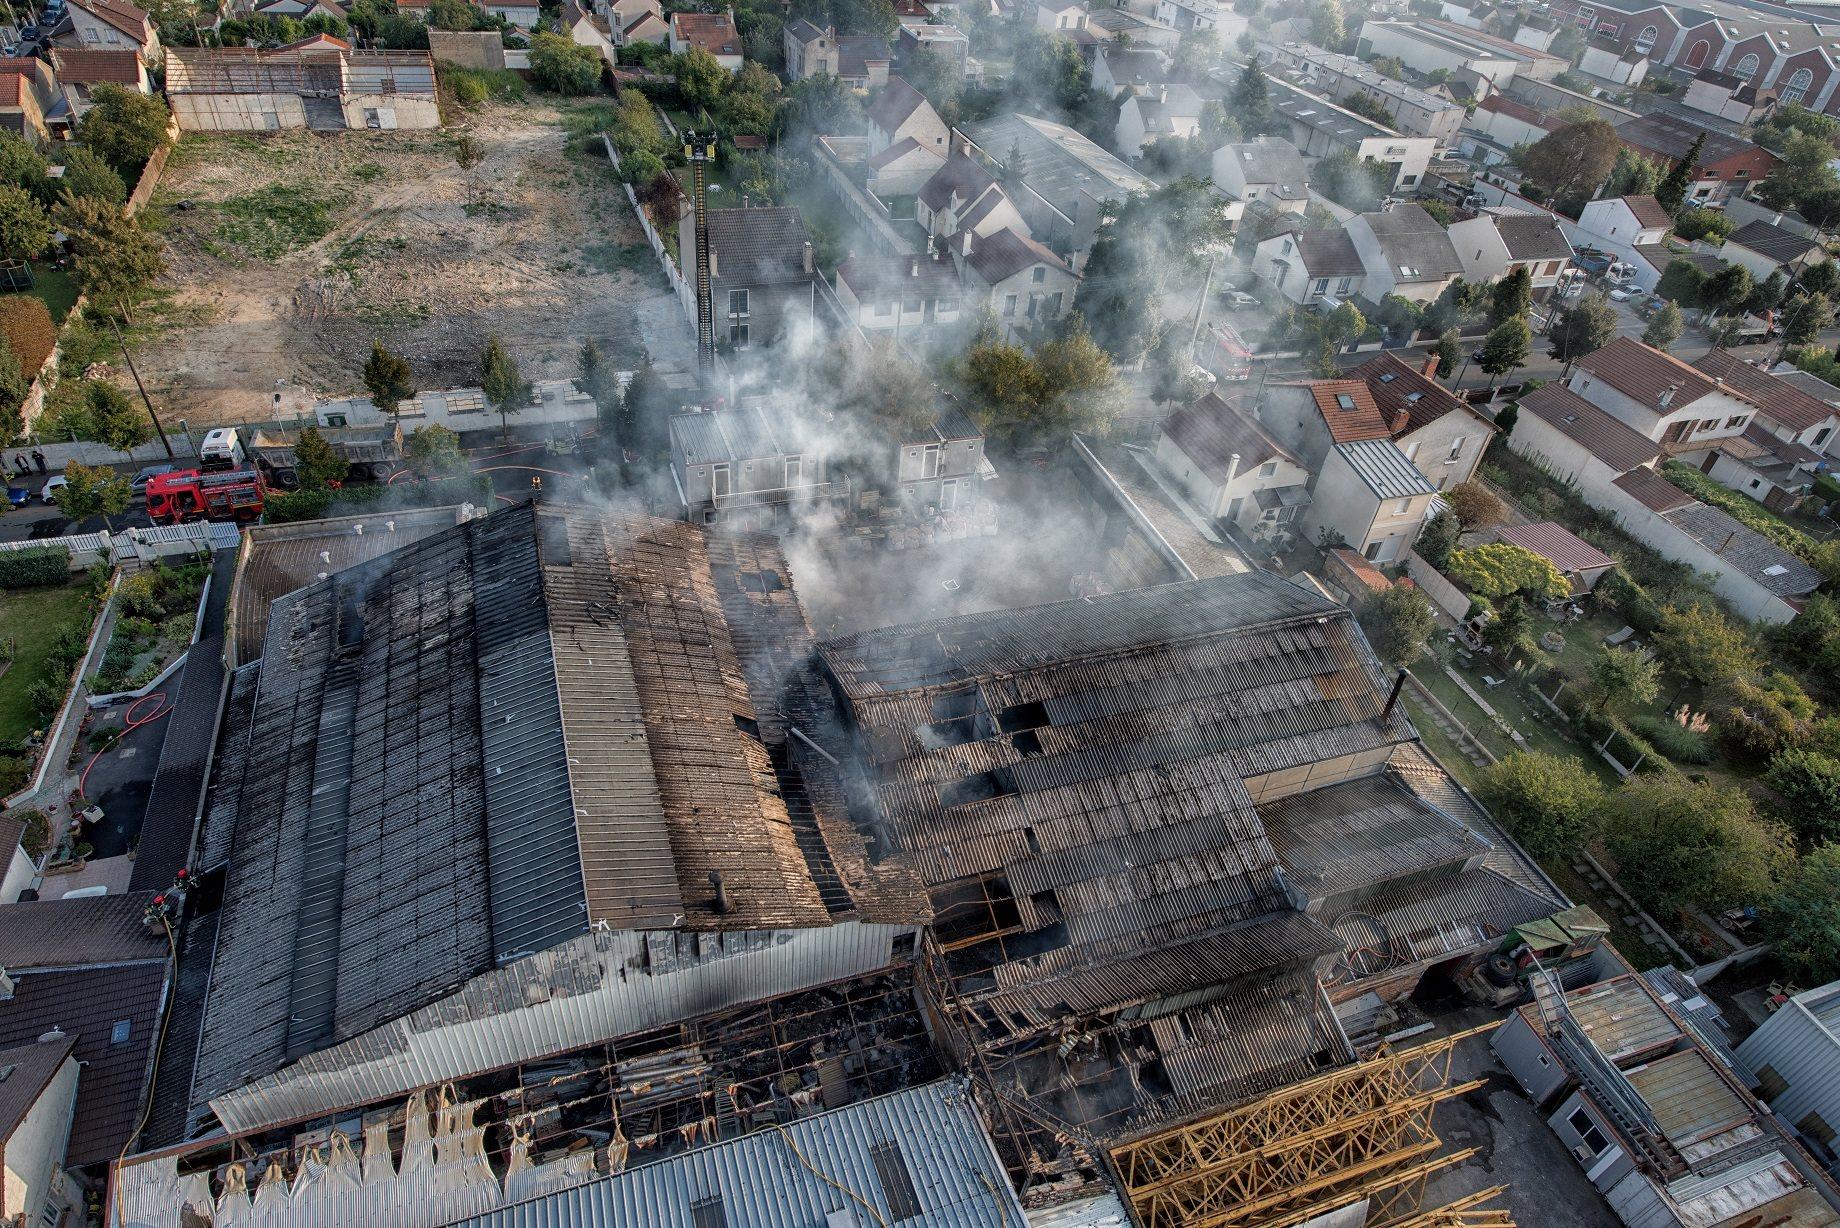 Le feu a fortement endommagé le bâtiment qui abritait les deux cuves de fuel. Une soixantaine de pompiers des Yvelines et du Val d'Oise ont été mobilisés au plus fort de l'incendie (Crédit photo : Sdis78)